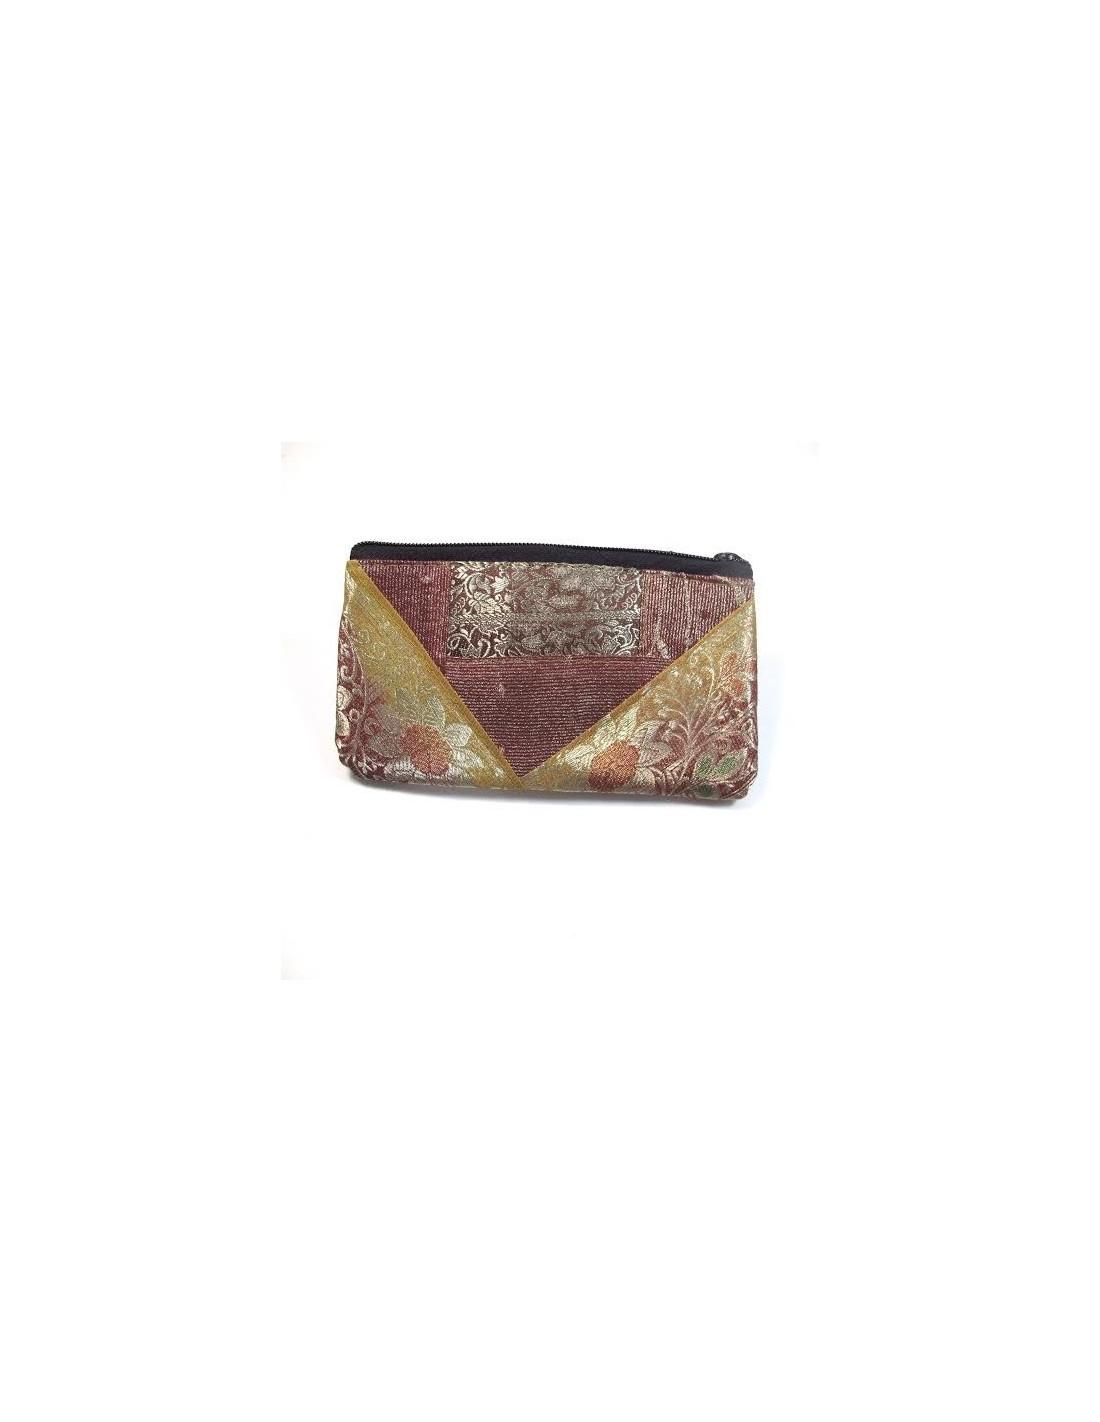 Porte monnaie boutique d 39 accessoires indiens a63 - Porte monnaie en tissu ...